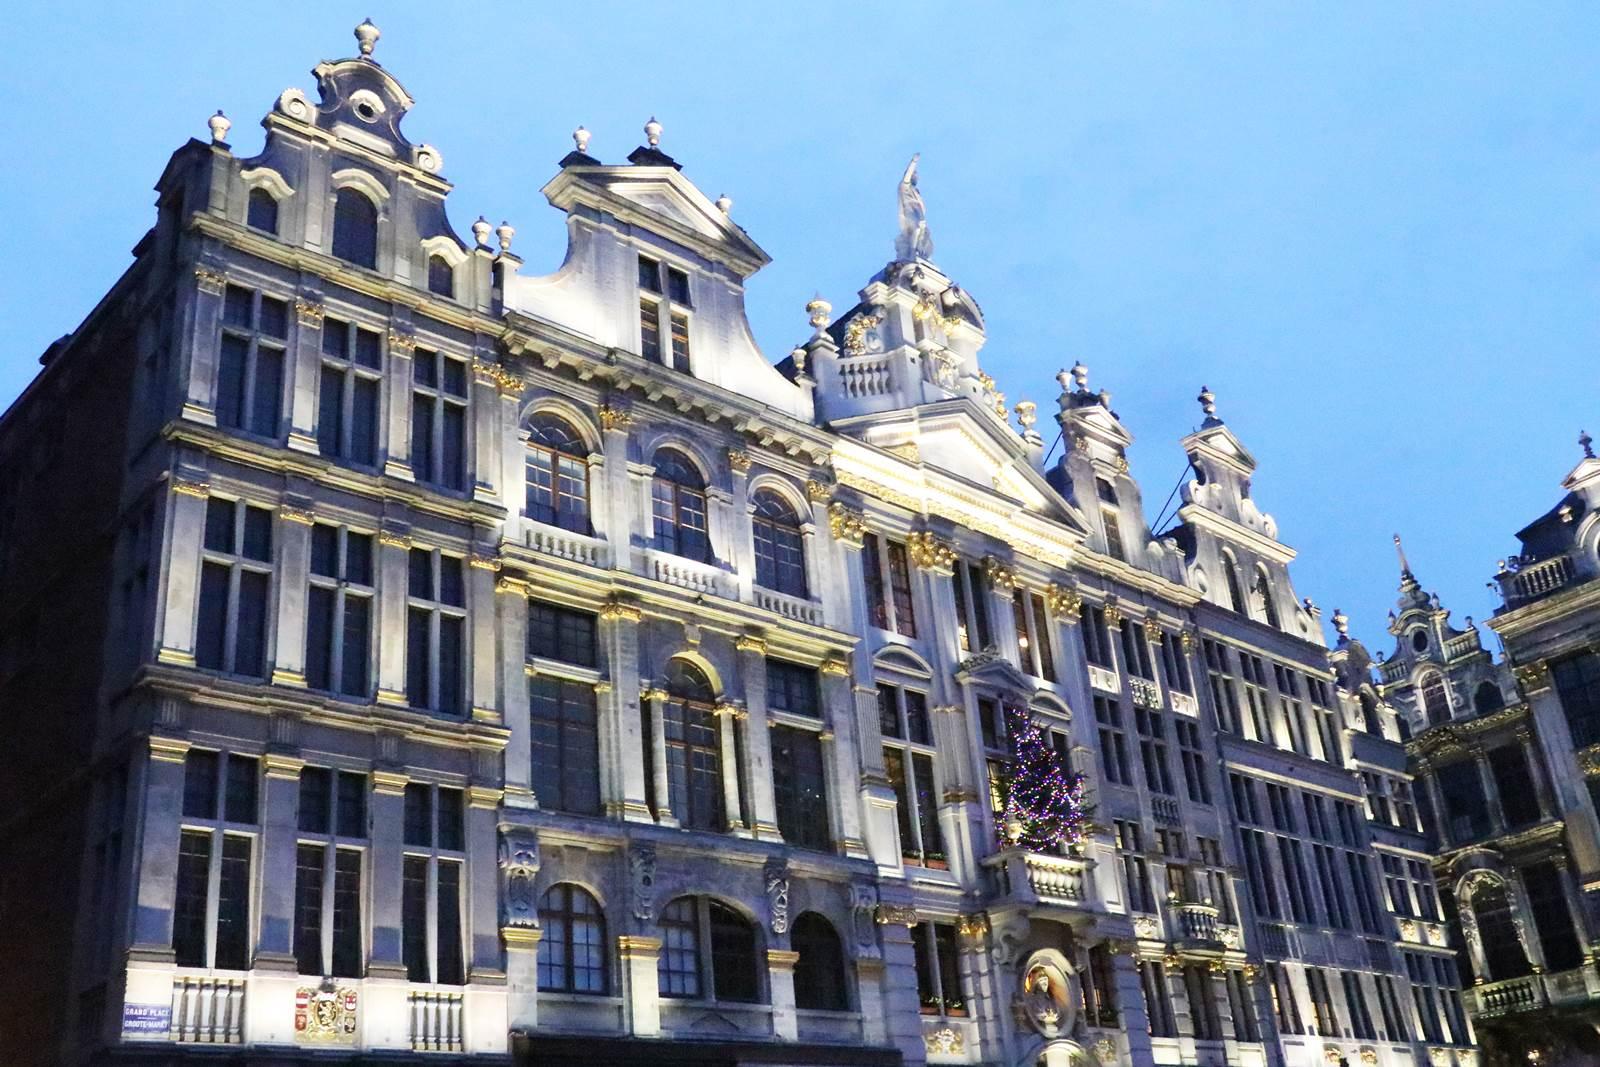 Bruxelles Plaisirs d'Hiver